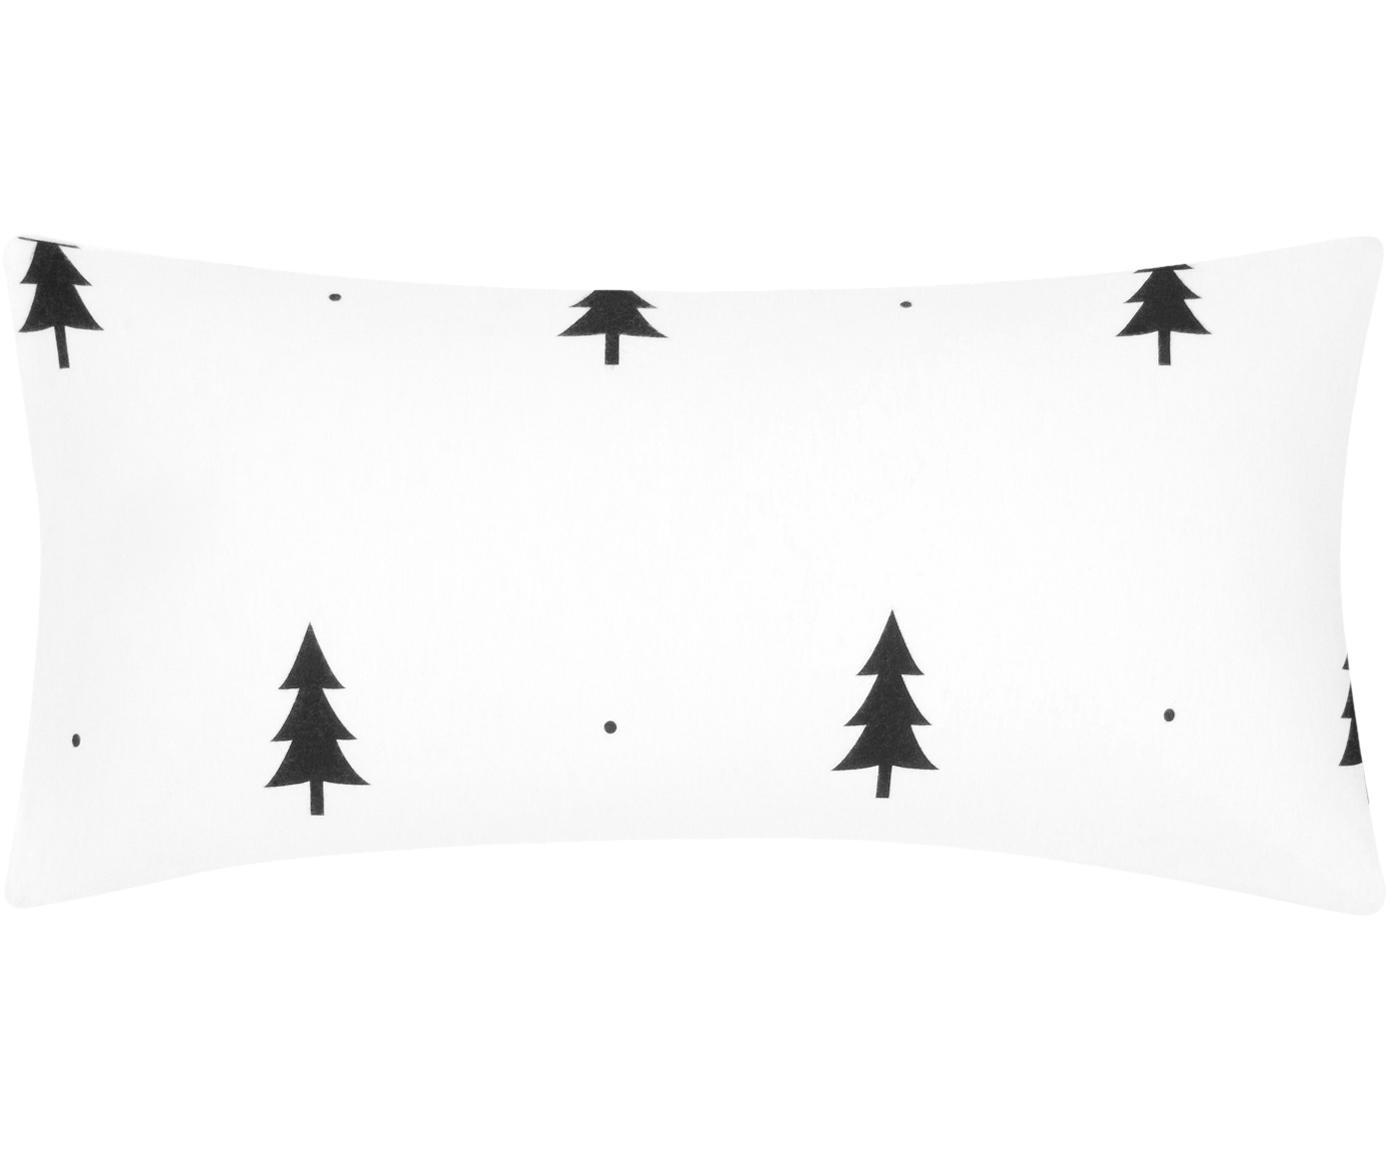 Flanell-Kissenbezüge X-mas Tree mit Tannenbäumen, 2 Stück, Webart: Flanell Flanell ist ein s, Weiß, Schwarz, 40 x 80 cm